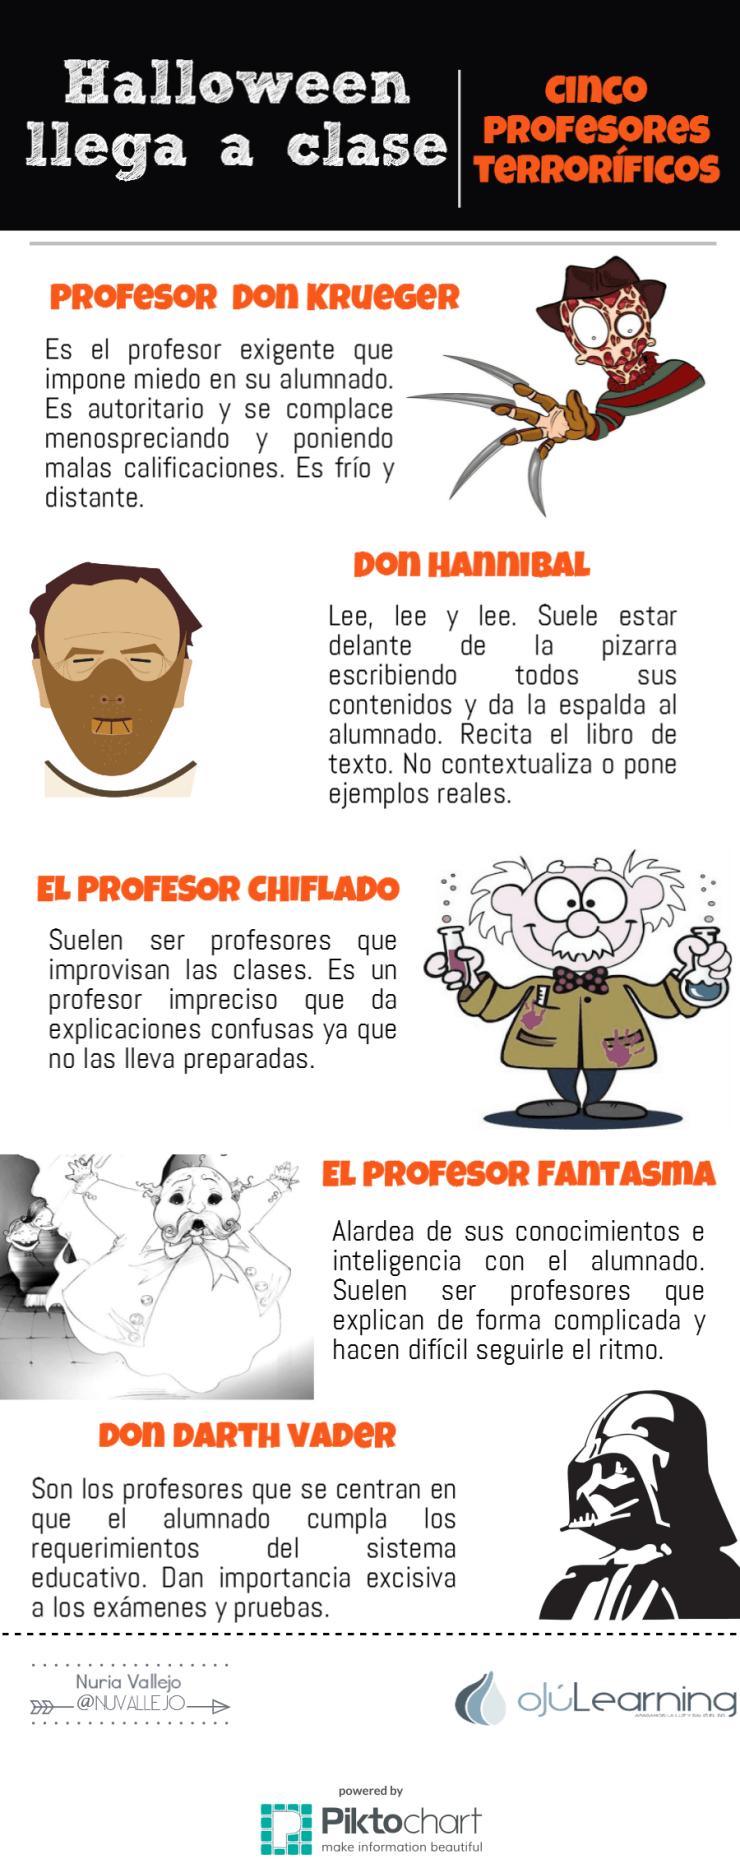 5 profesores terroríficos #infografia #infographic #formacion